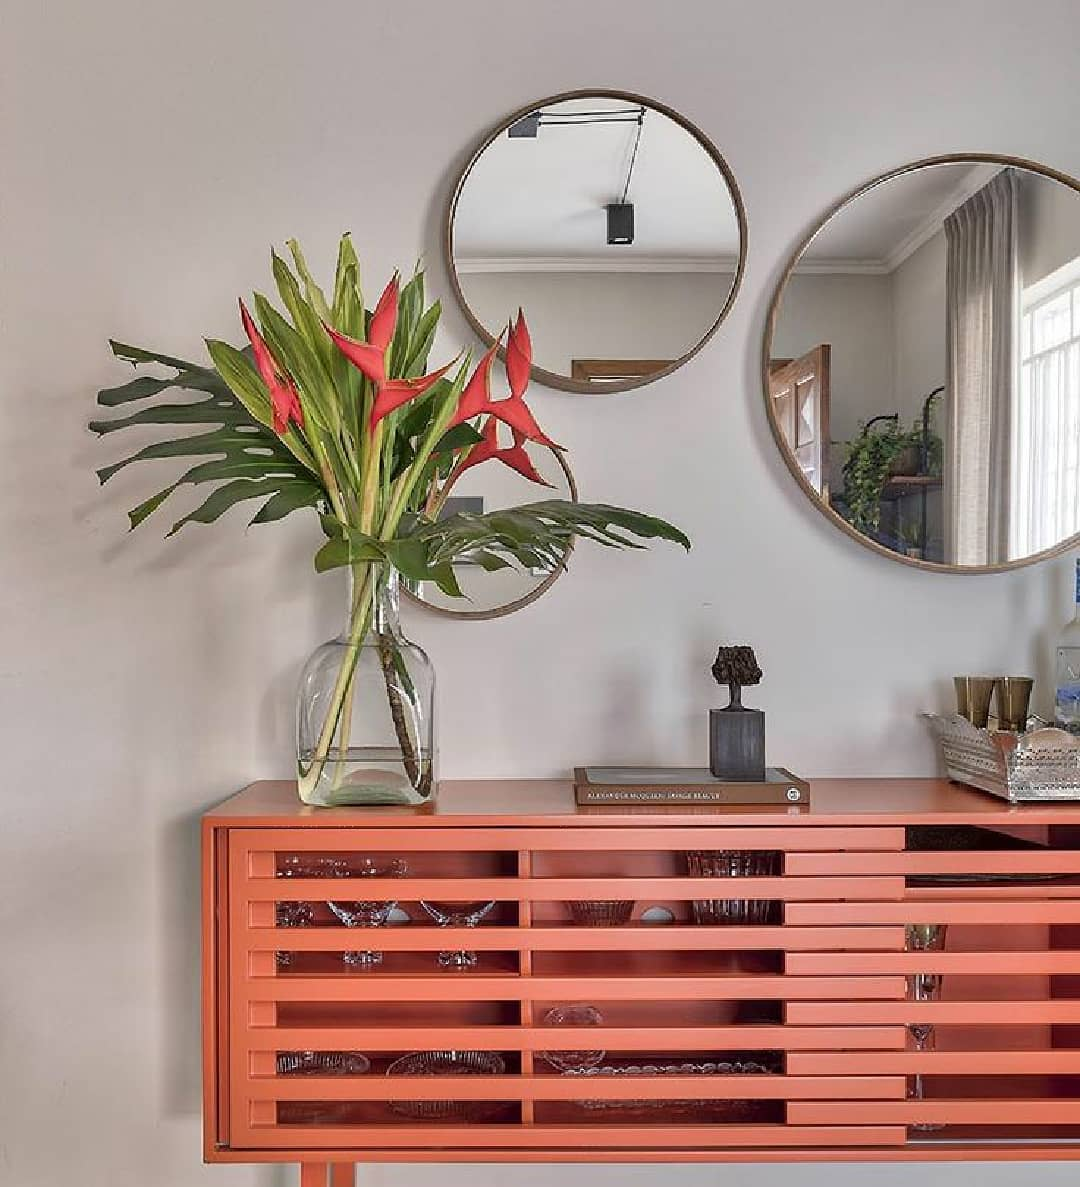 composição de espelhos redondos na parede